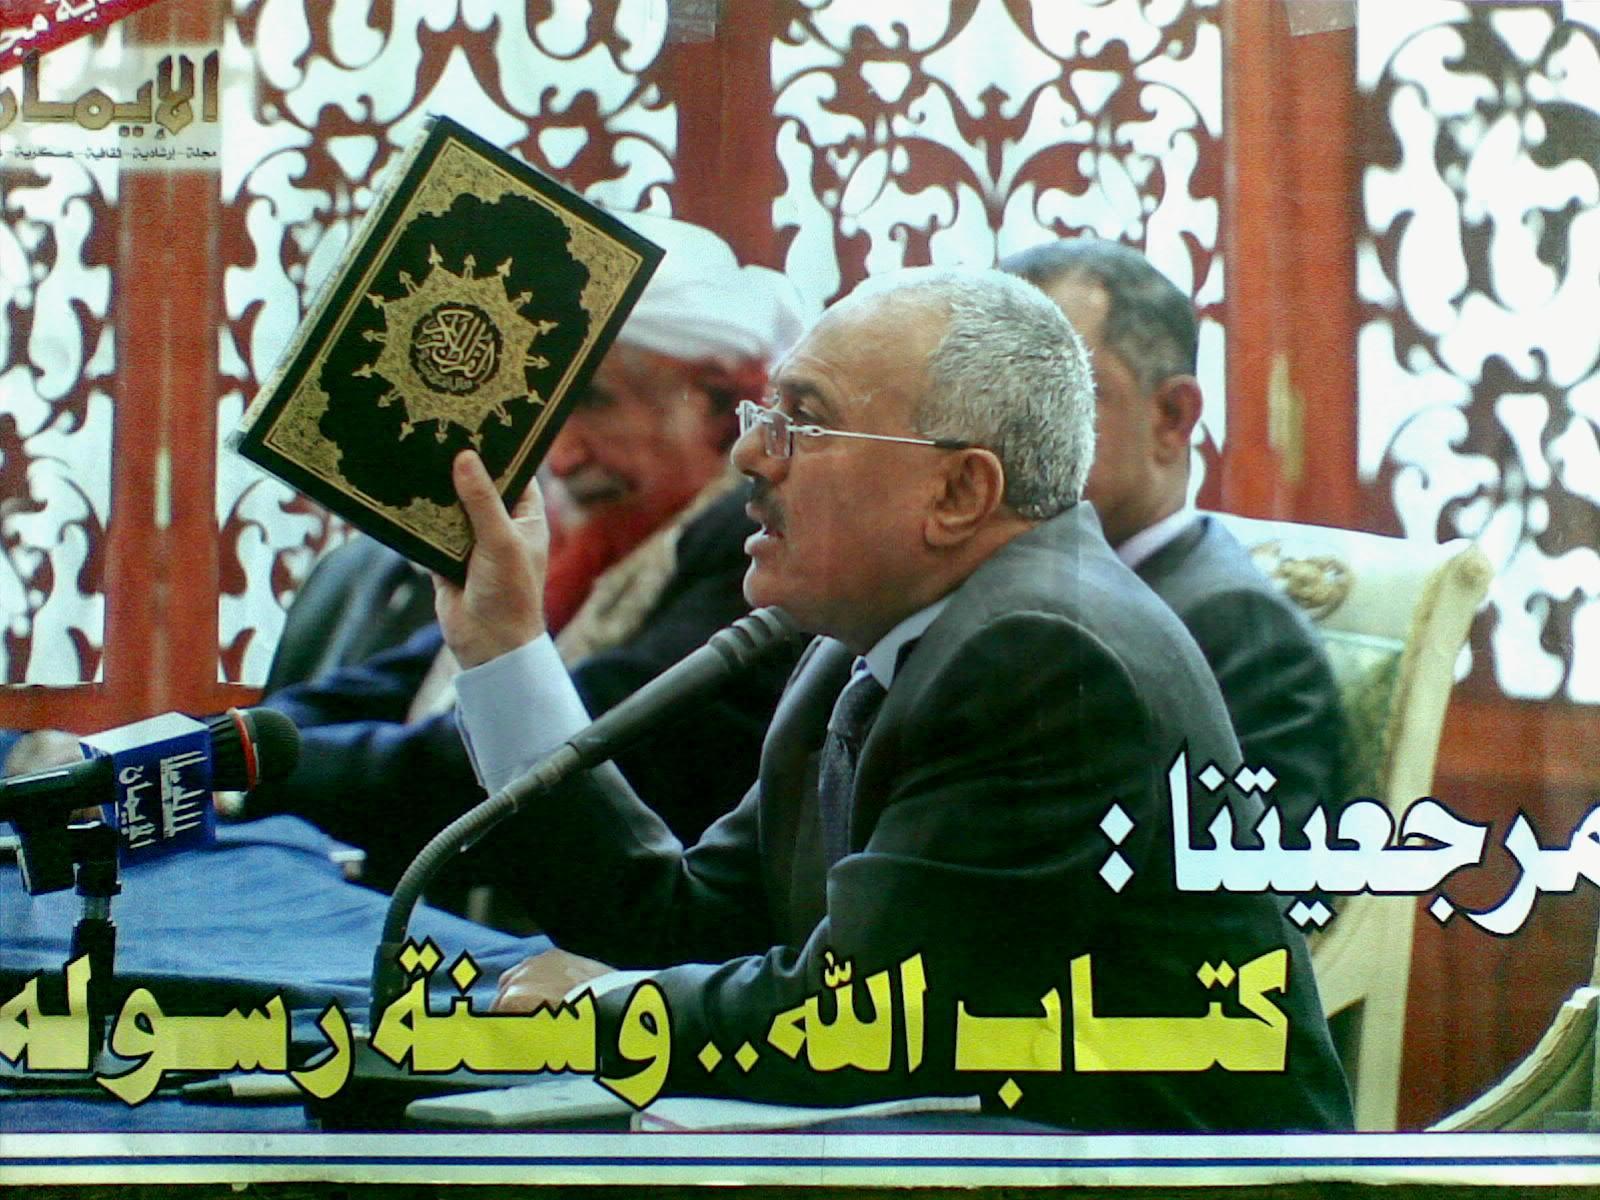 مدونة شاعر زنقتنا علي عبد الله البسامي 871205060